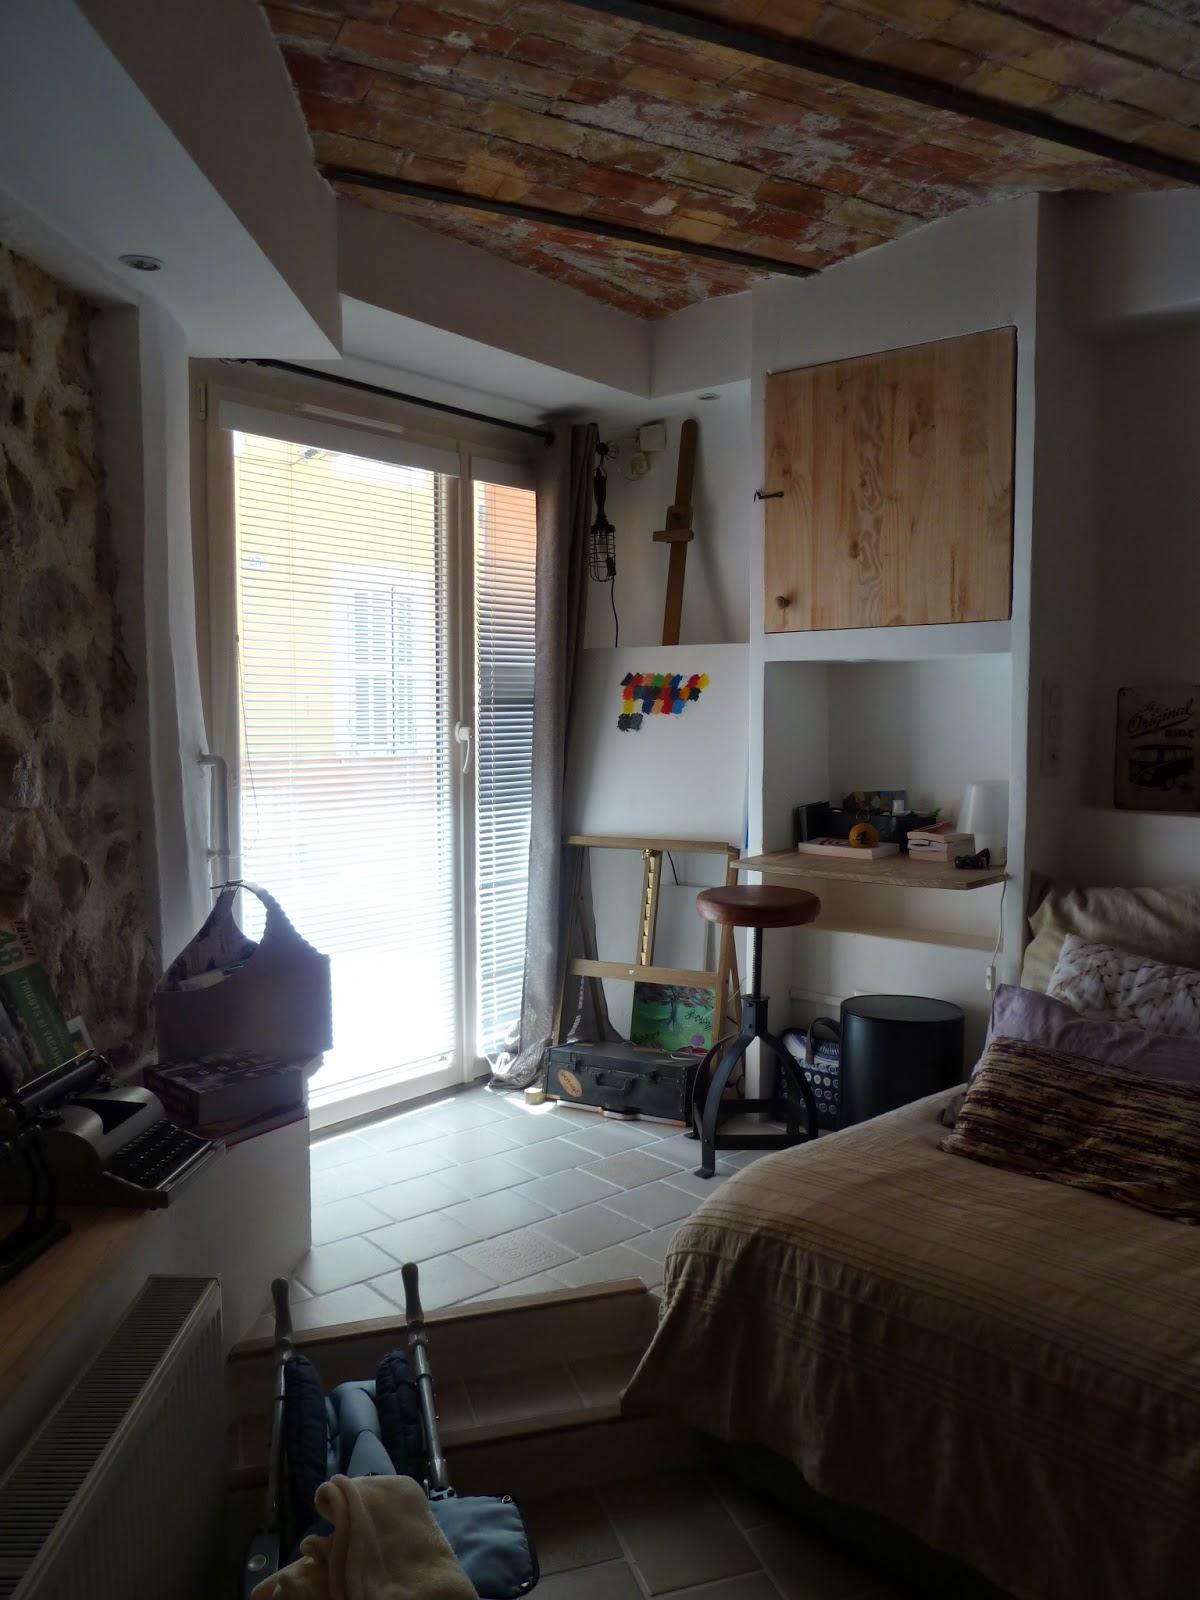 Agence aso concept anne sophie ortais une suite parentale cr e dans un sous sol de style for Suite parentale m paris